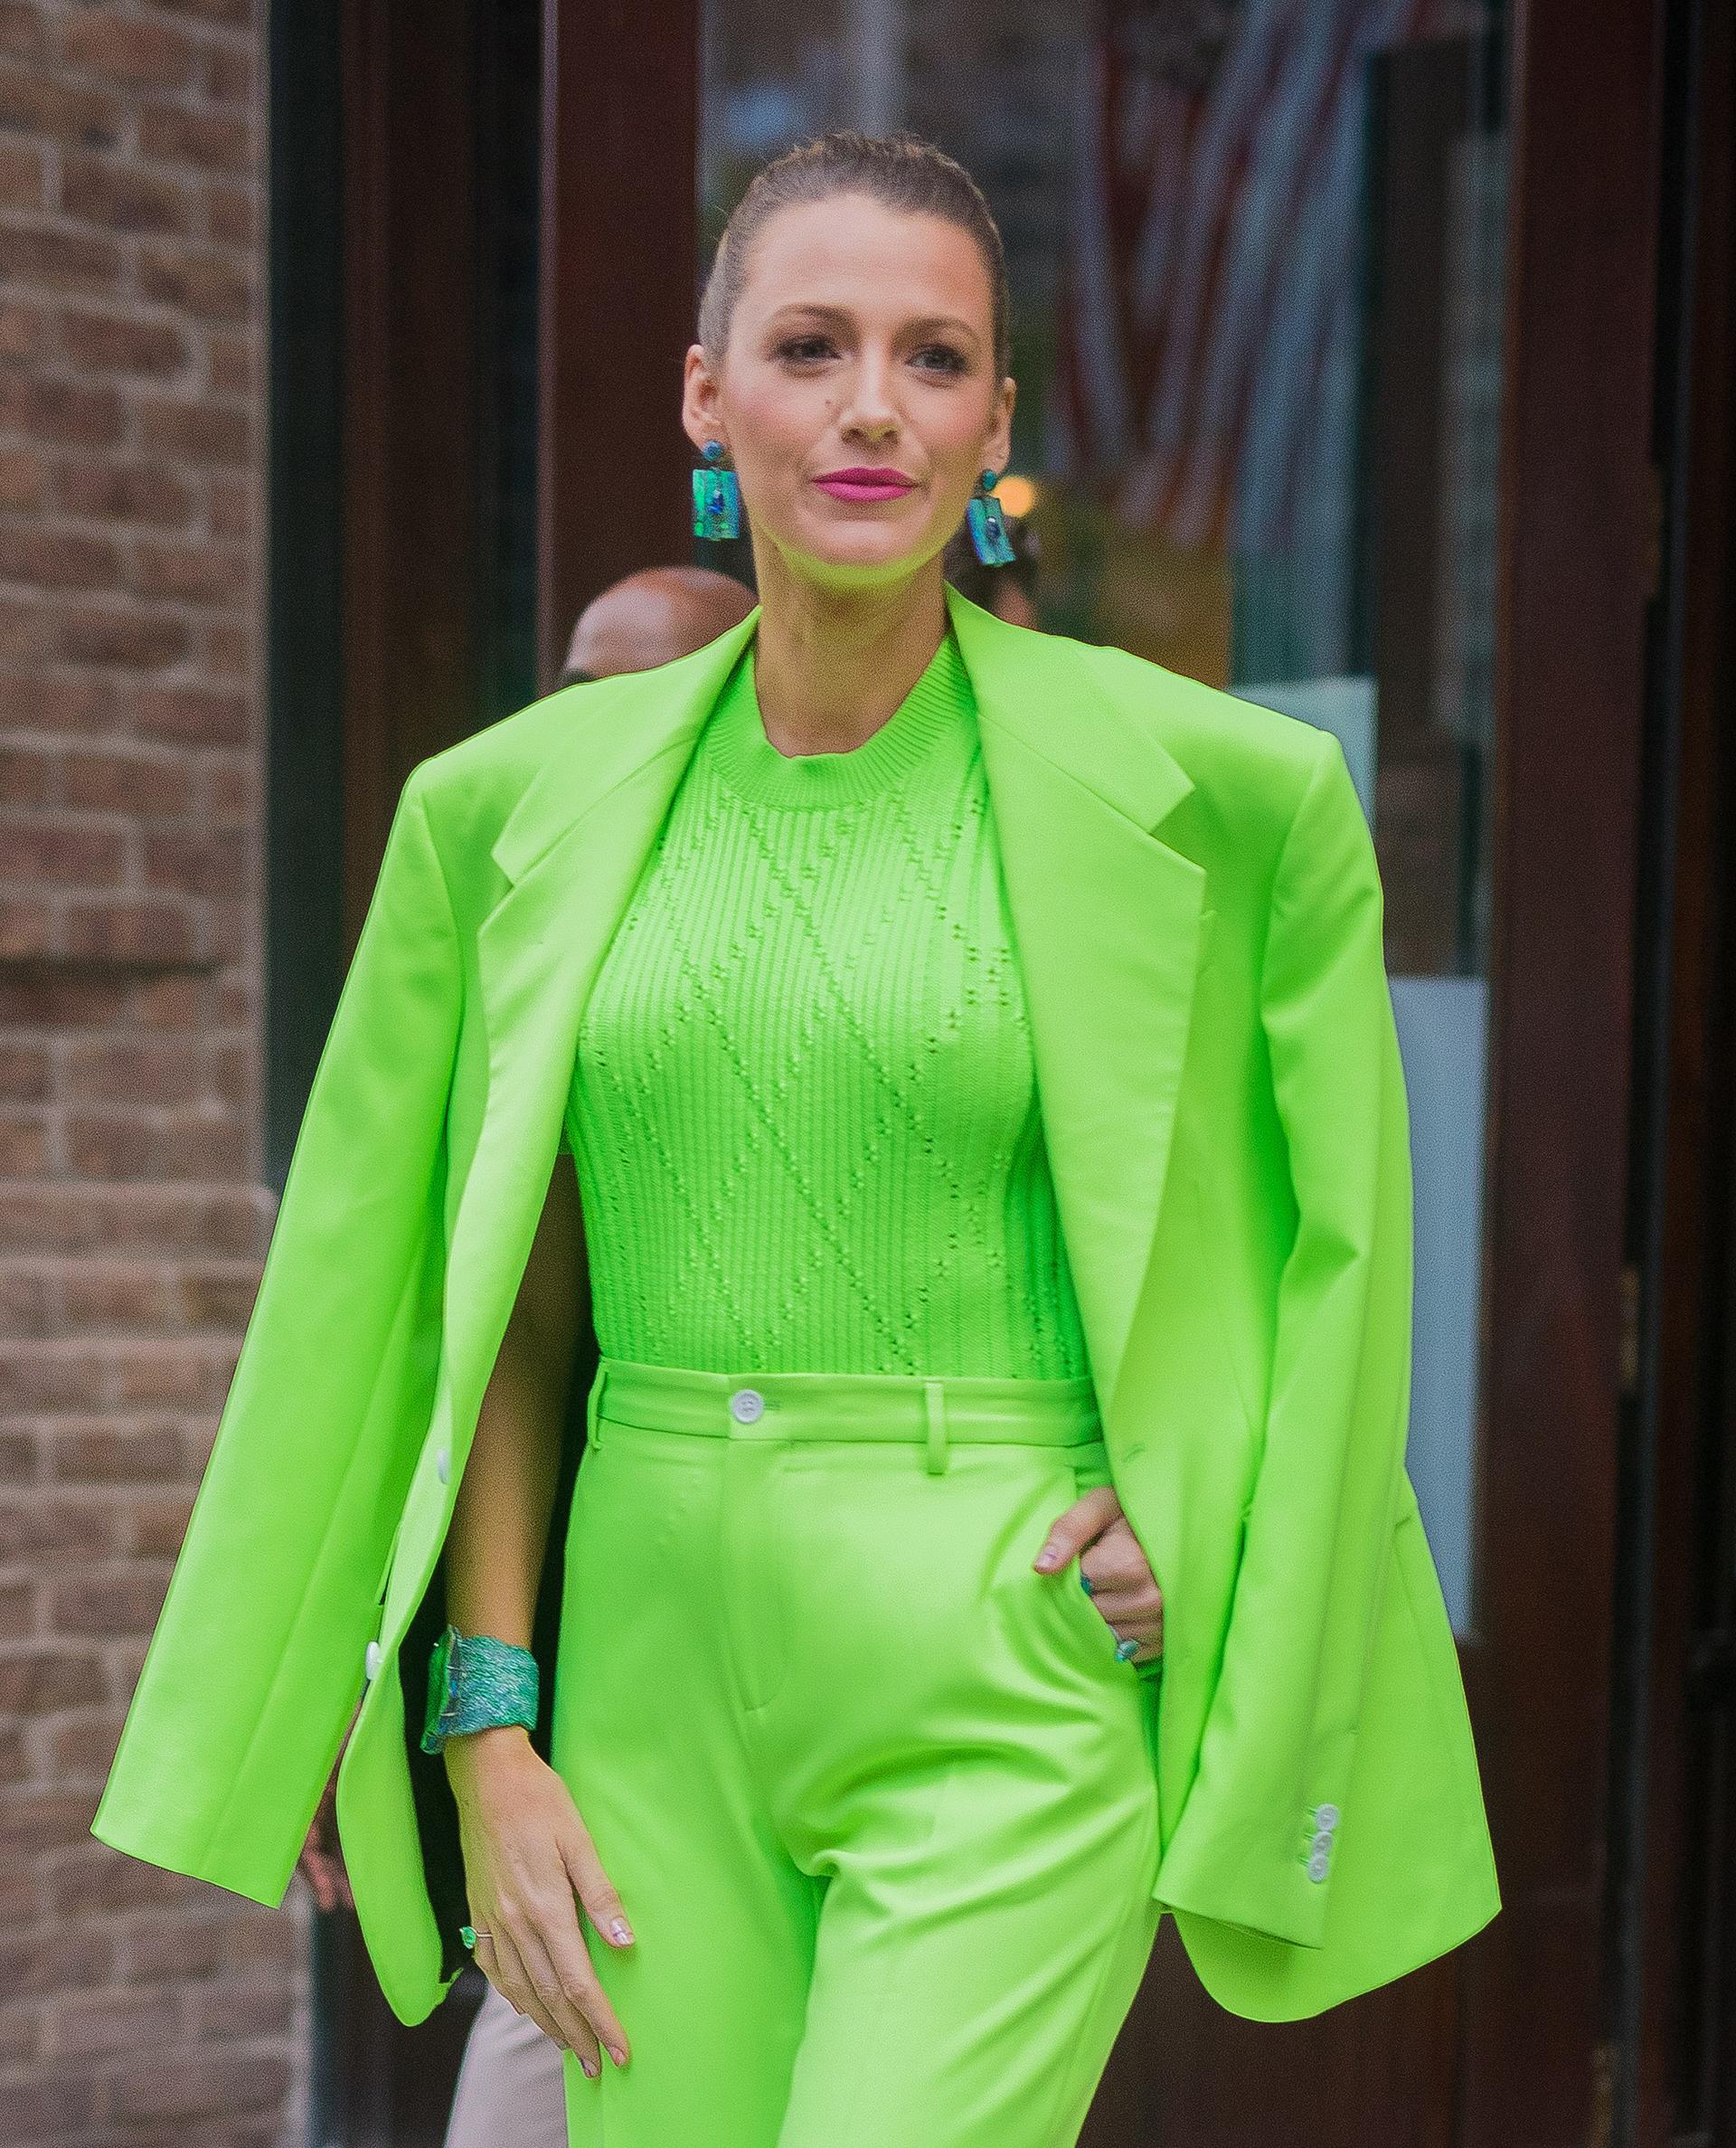 Blake Lively es una de las estrellas de Hollywood que siempre está atenta a las nuevas tendencias de la moda, incluso en su manicura, que en esta ocasión fue nude y con dos finas líneas